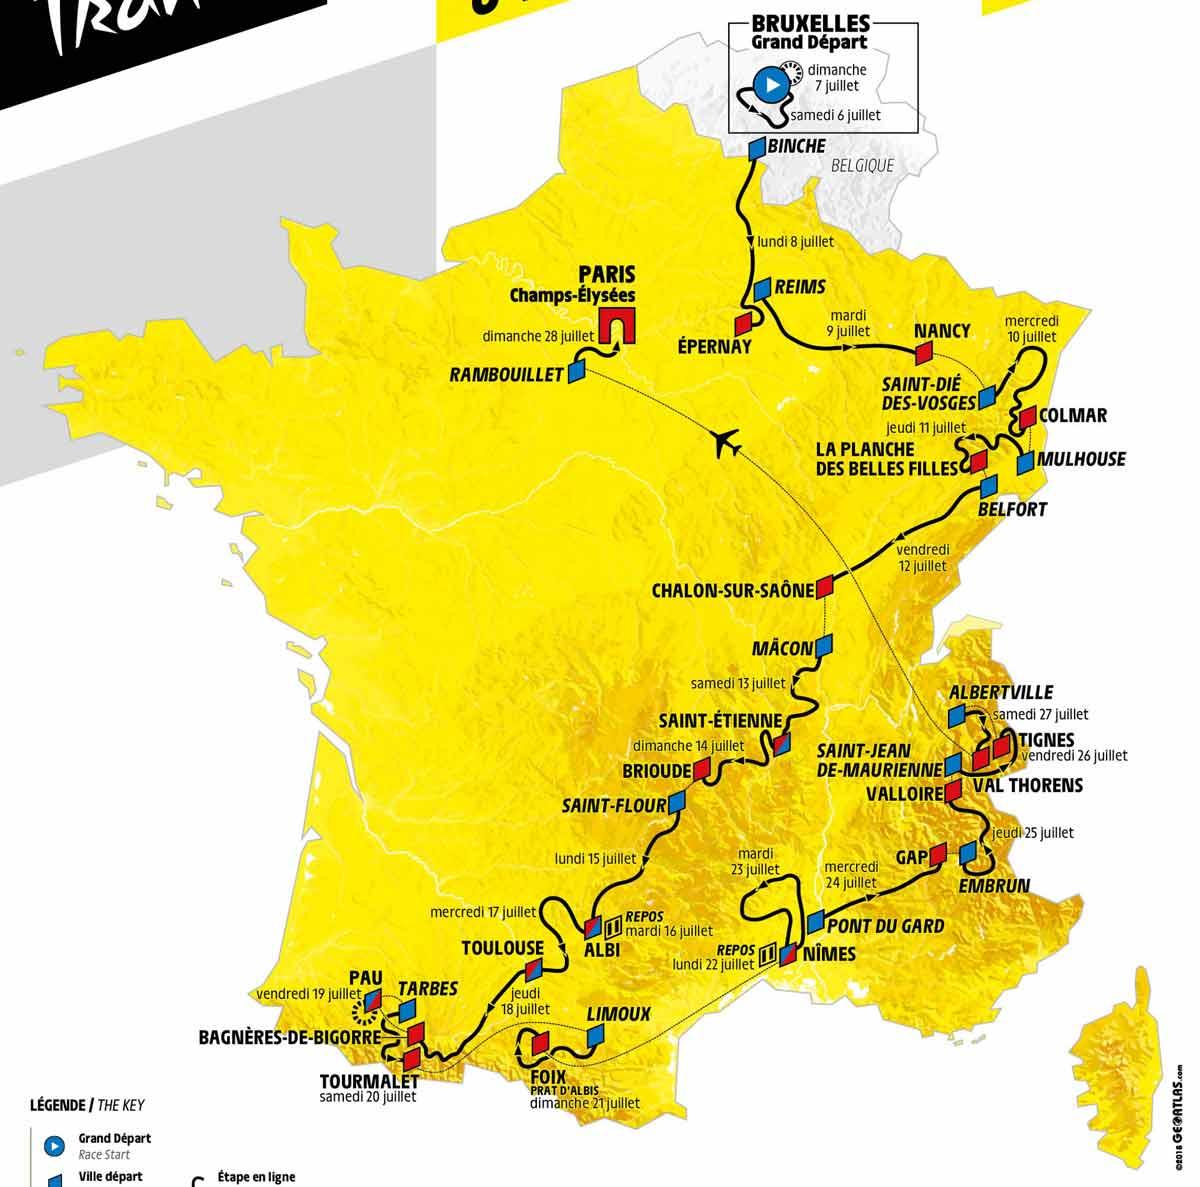 tour de france 2019 das ist die strecke der 106 frankreich rundfahrt cycling magazine. Black Bedroom Furniture Sets. Home Design Ideas